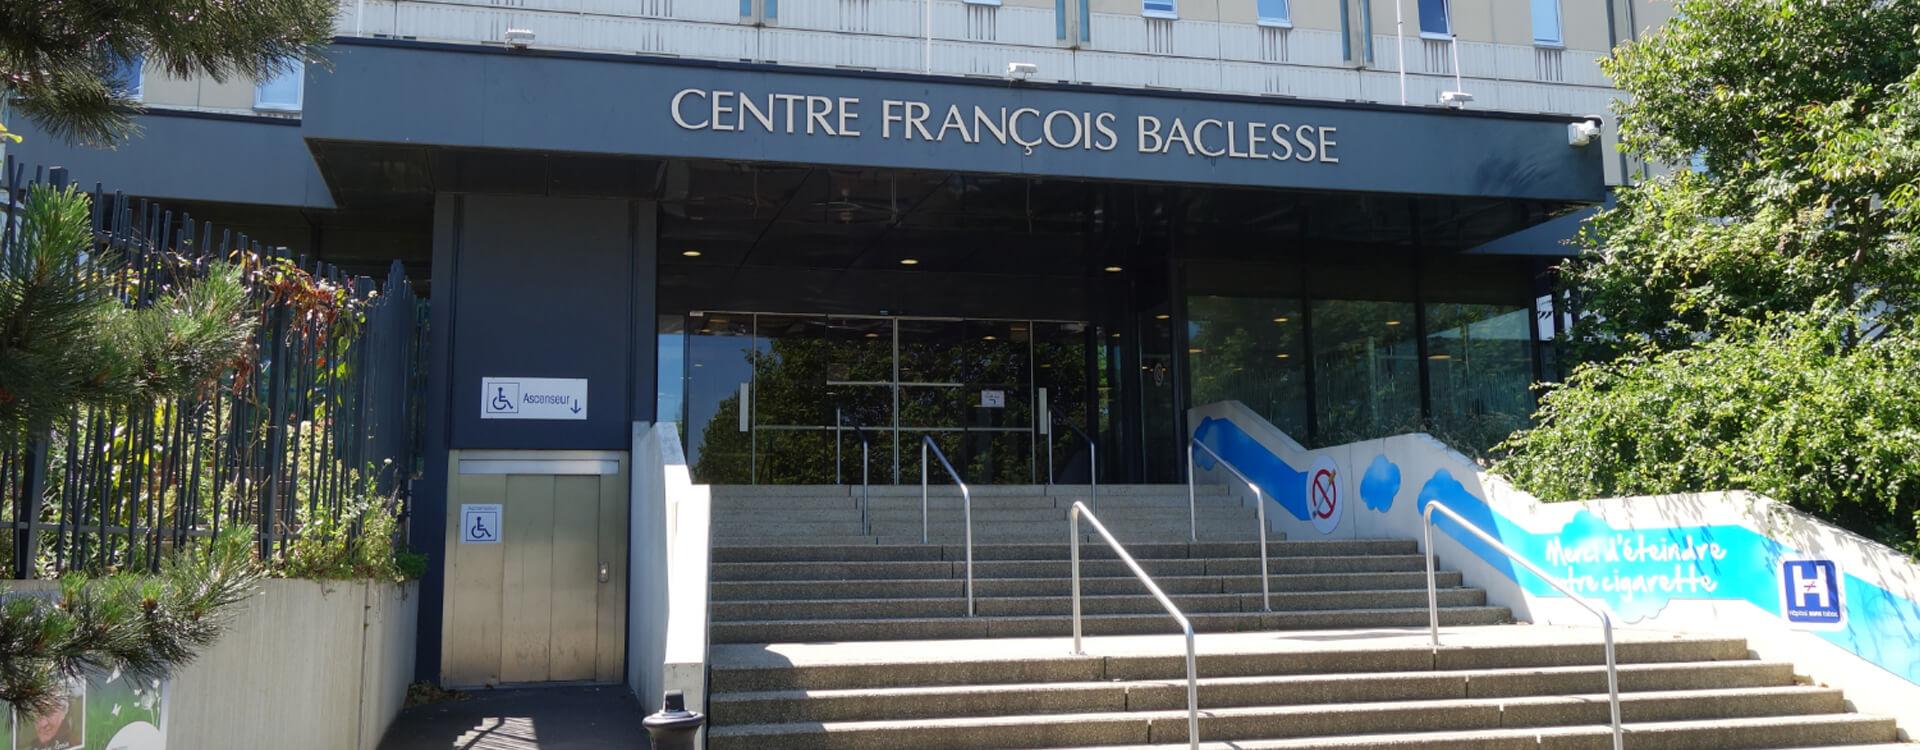 Rubriques Centre Francois Baclesse